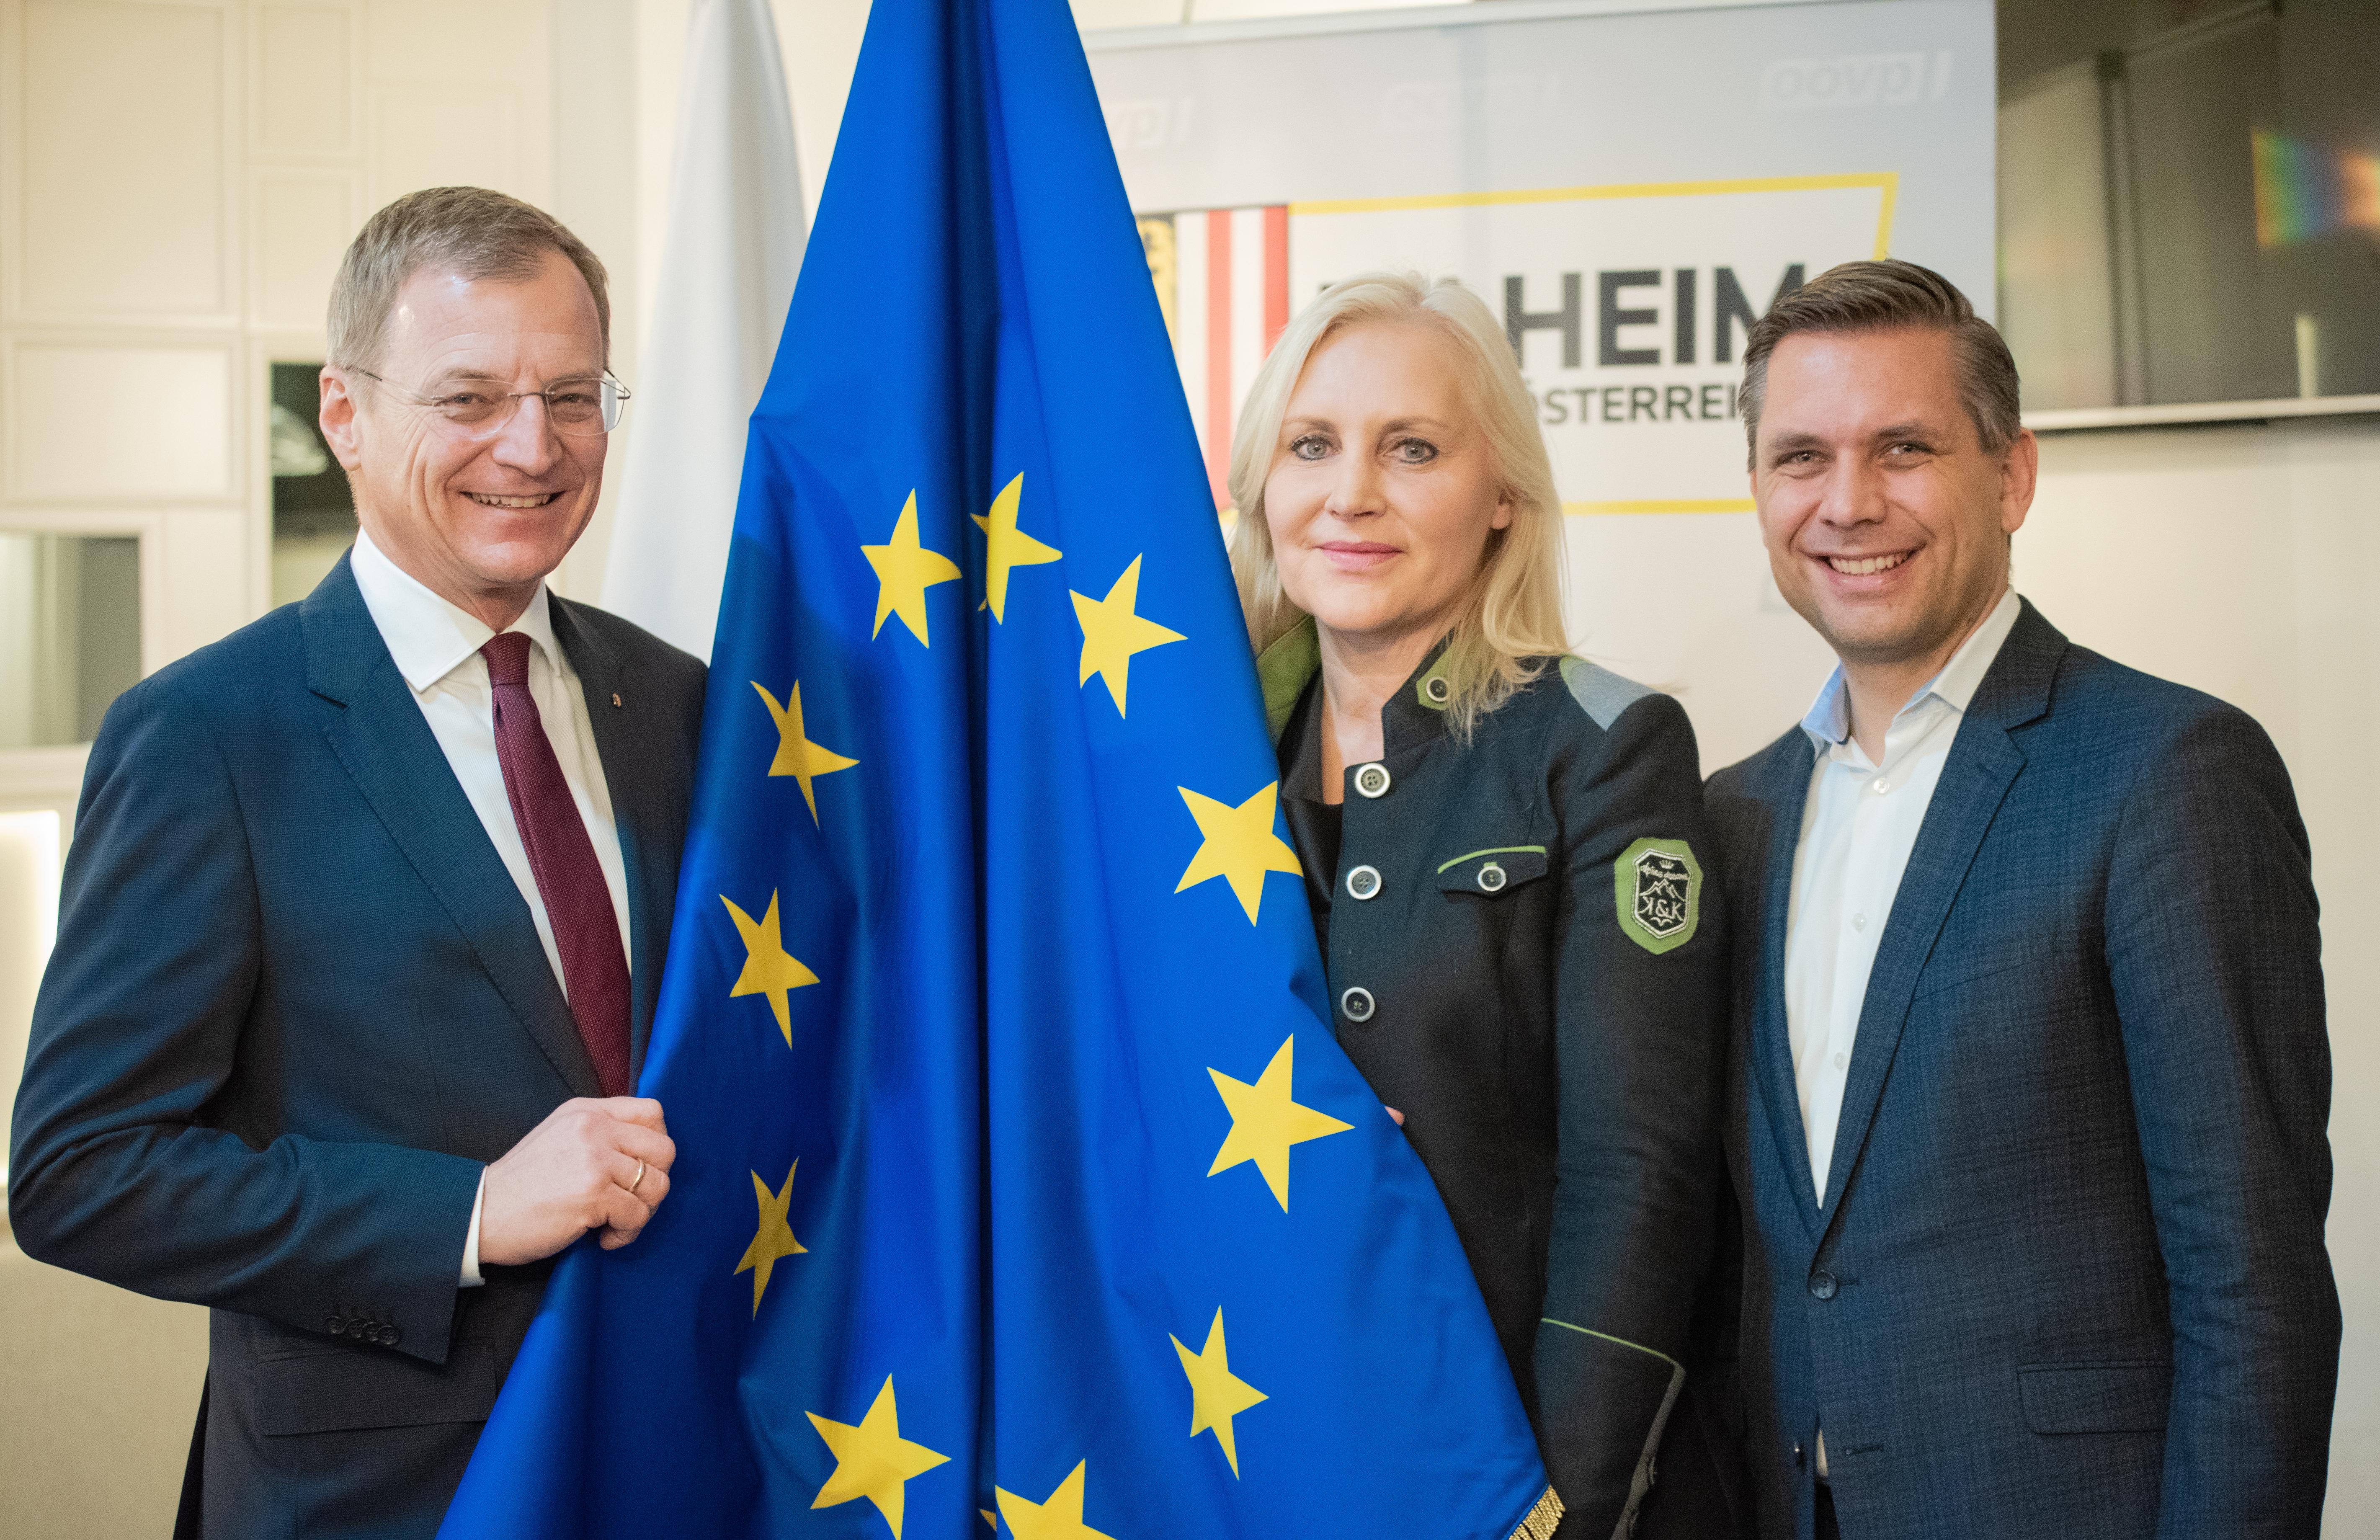 Es geht um Oberösterreichs Interessen in der Europäischen Union